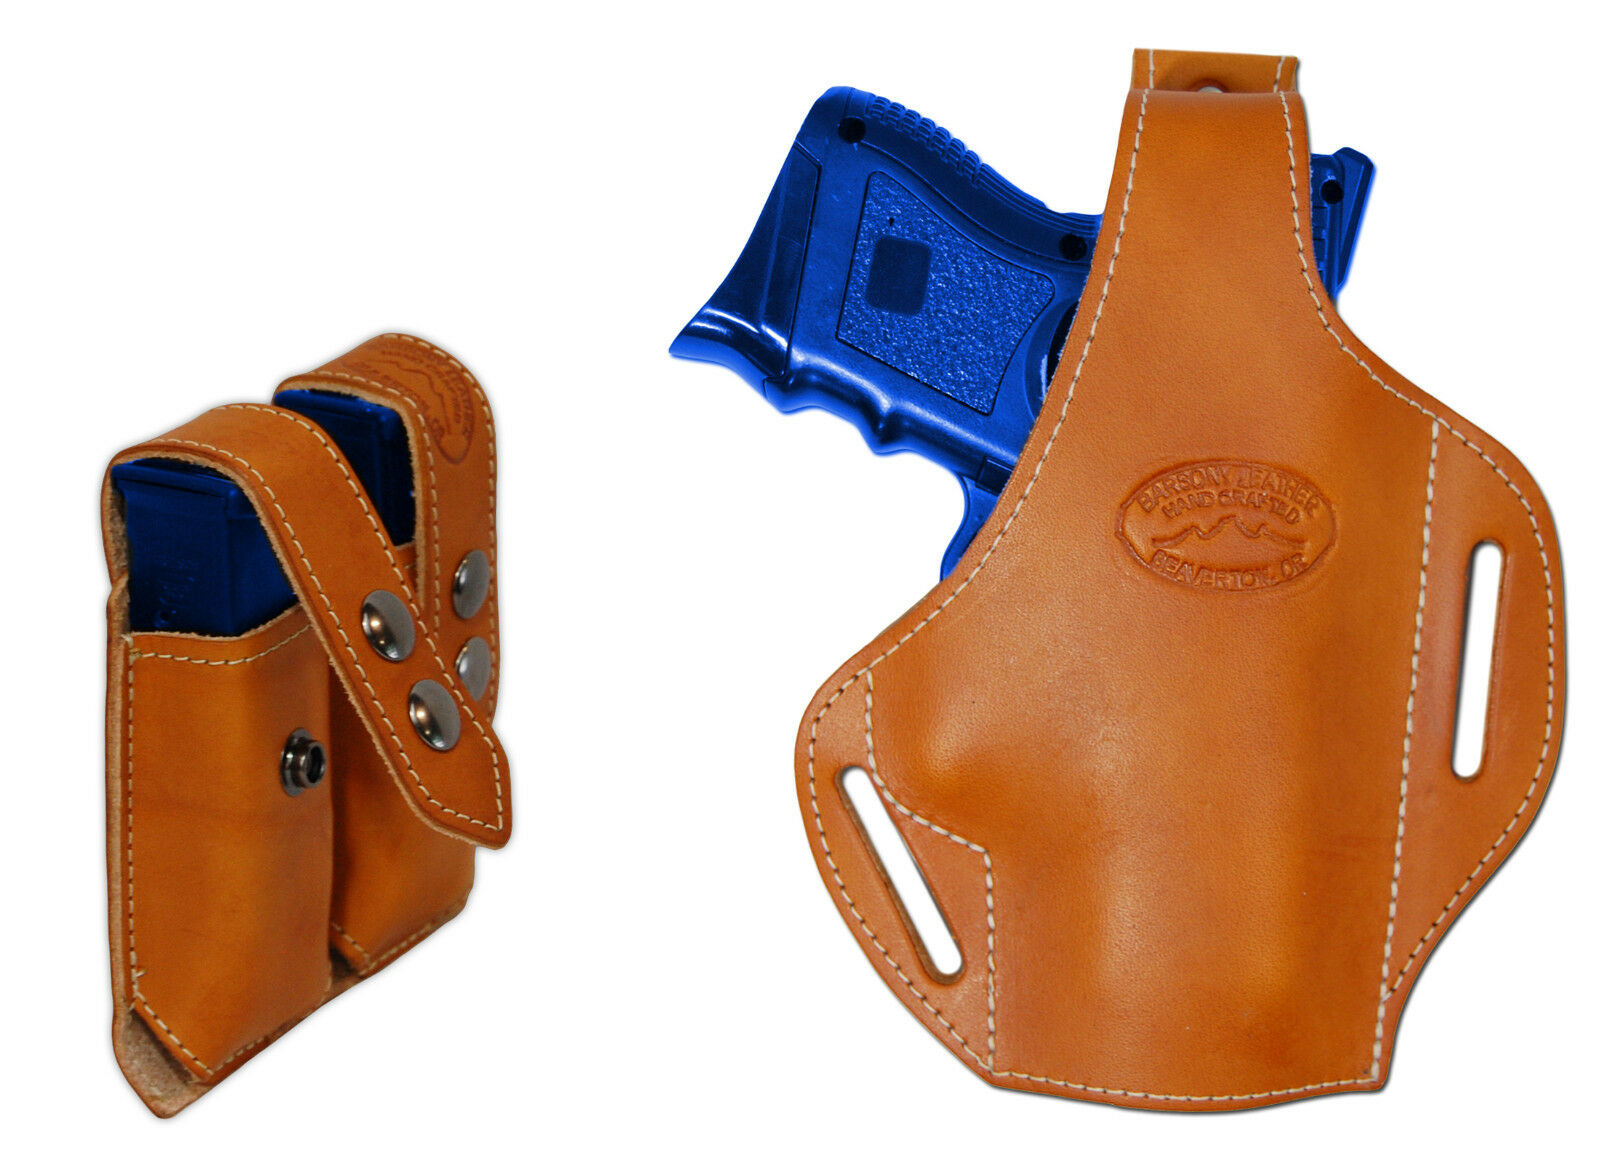 Nuevo Bronceado cuero panqueque Funda Pistola + Dbl Mag Pouch Para s&w m&p Comp 9mm 40 45